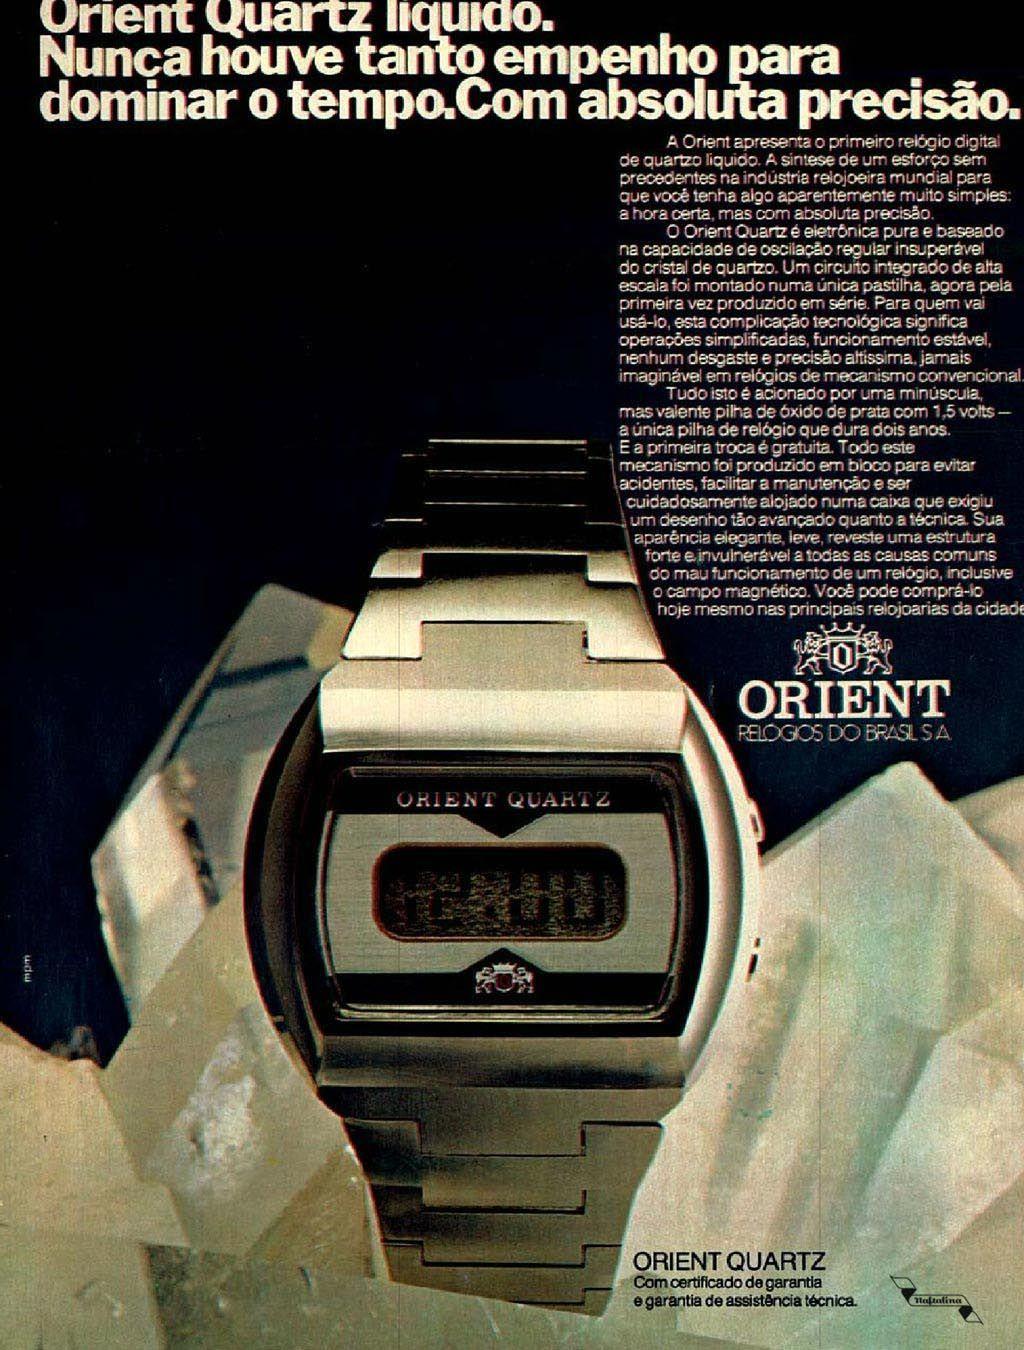 Relógio Orient Brasil Anos70 Retro Anunciosantigos Vintageads Relógios Incríveis Relogios Relogio Orient